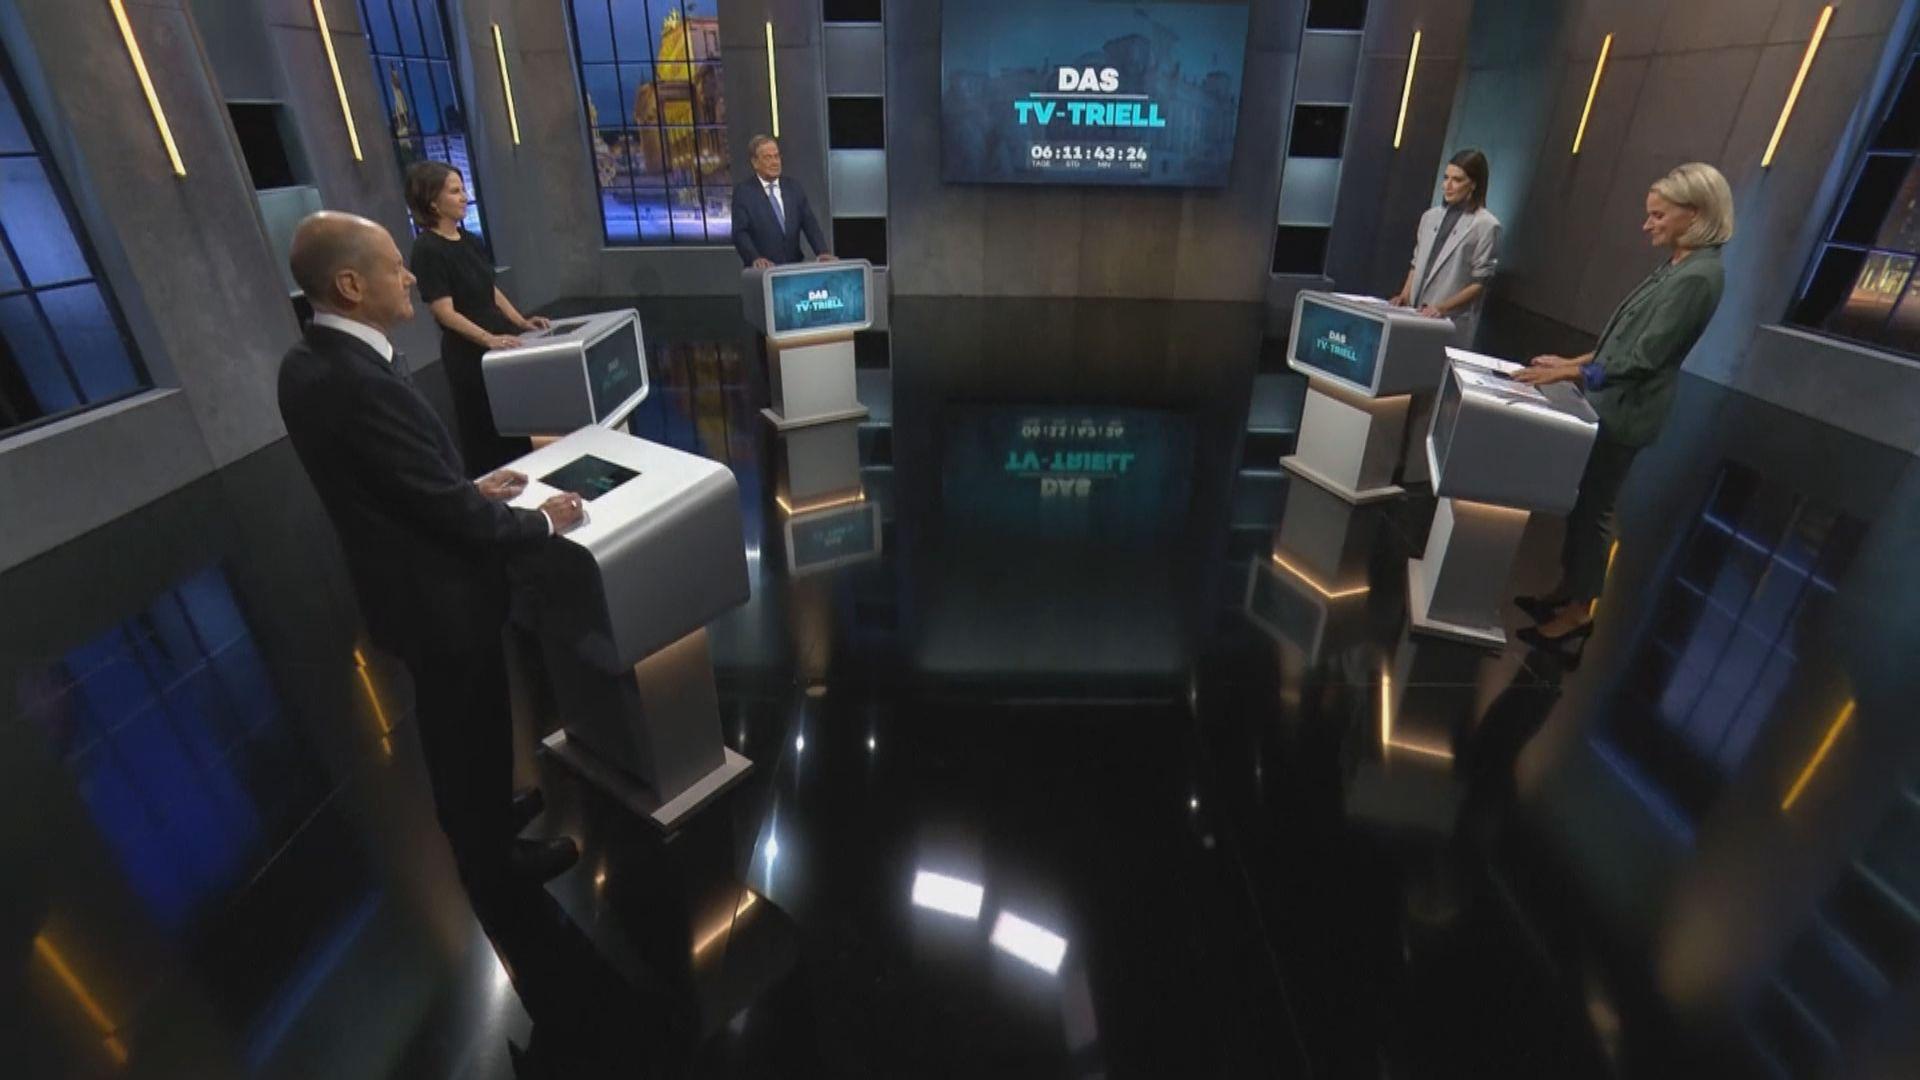 德國大選 候選人進行最後一場電視辯論